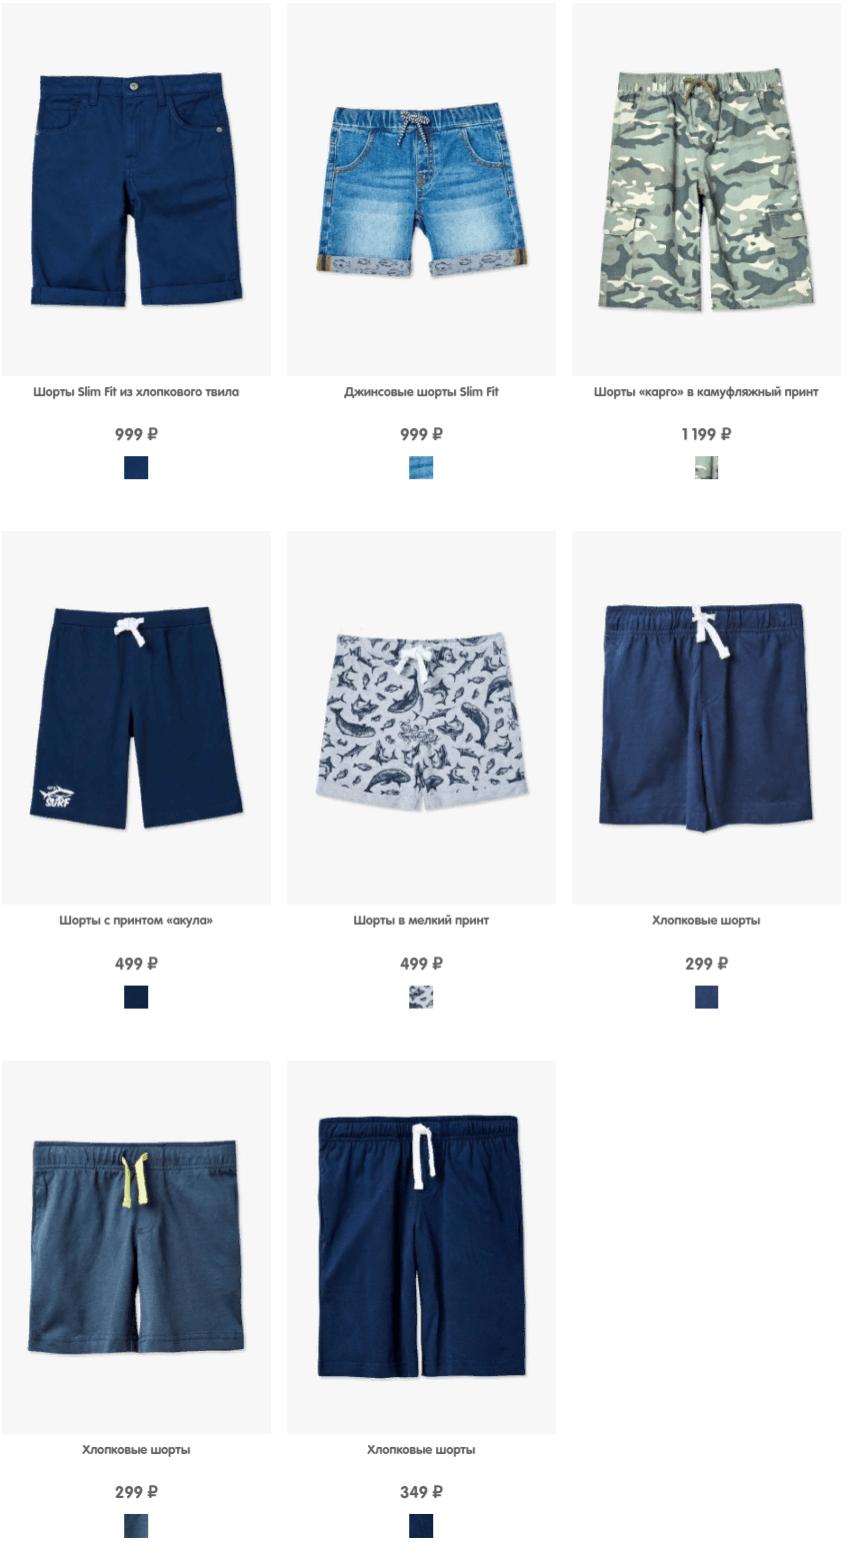 Купить Шорты для мальчиков в интернет-магазине одежды Фандэй2